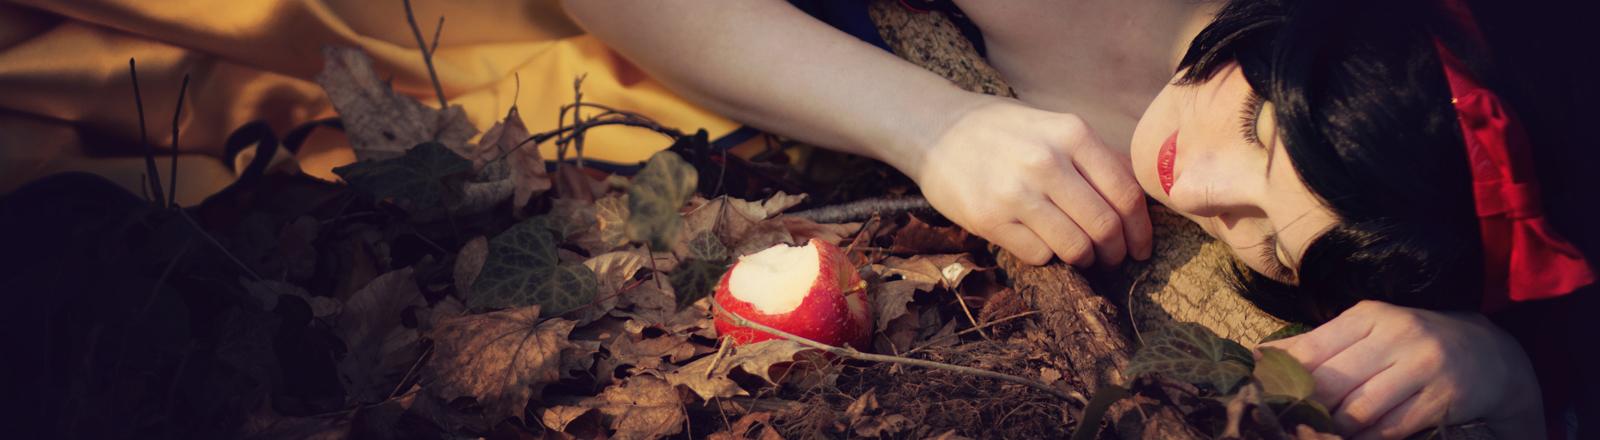 Schneewittchen neben dem angebissenen Apfel